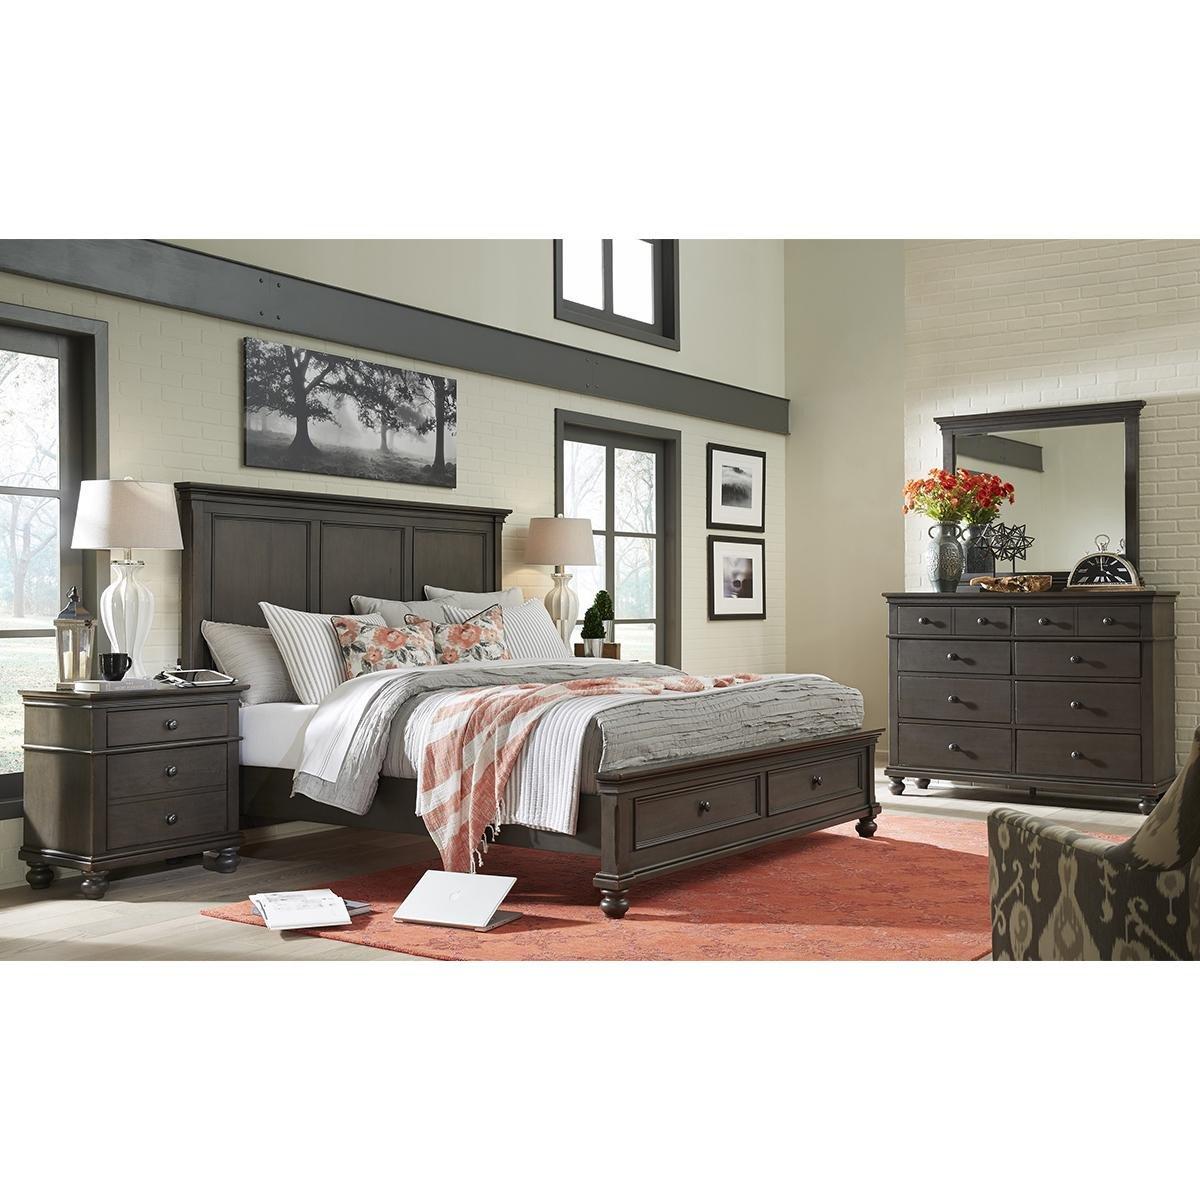 6 Piece Queen Bedroom Set Elegant Riva Ridge Oxford 4 Piece Queen Bedroom Set In Peppercorn